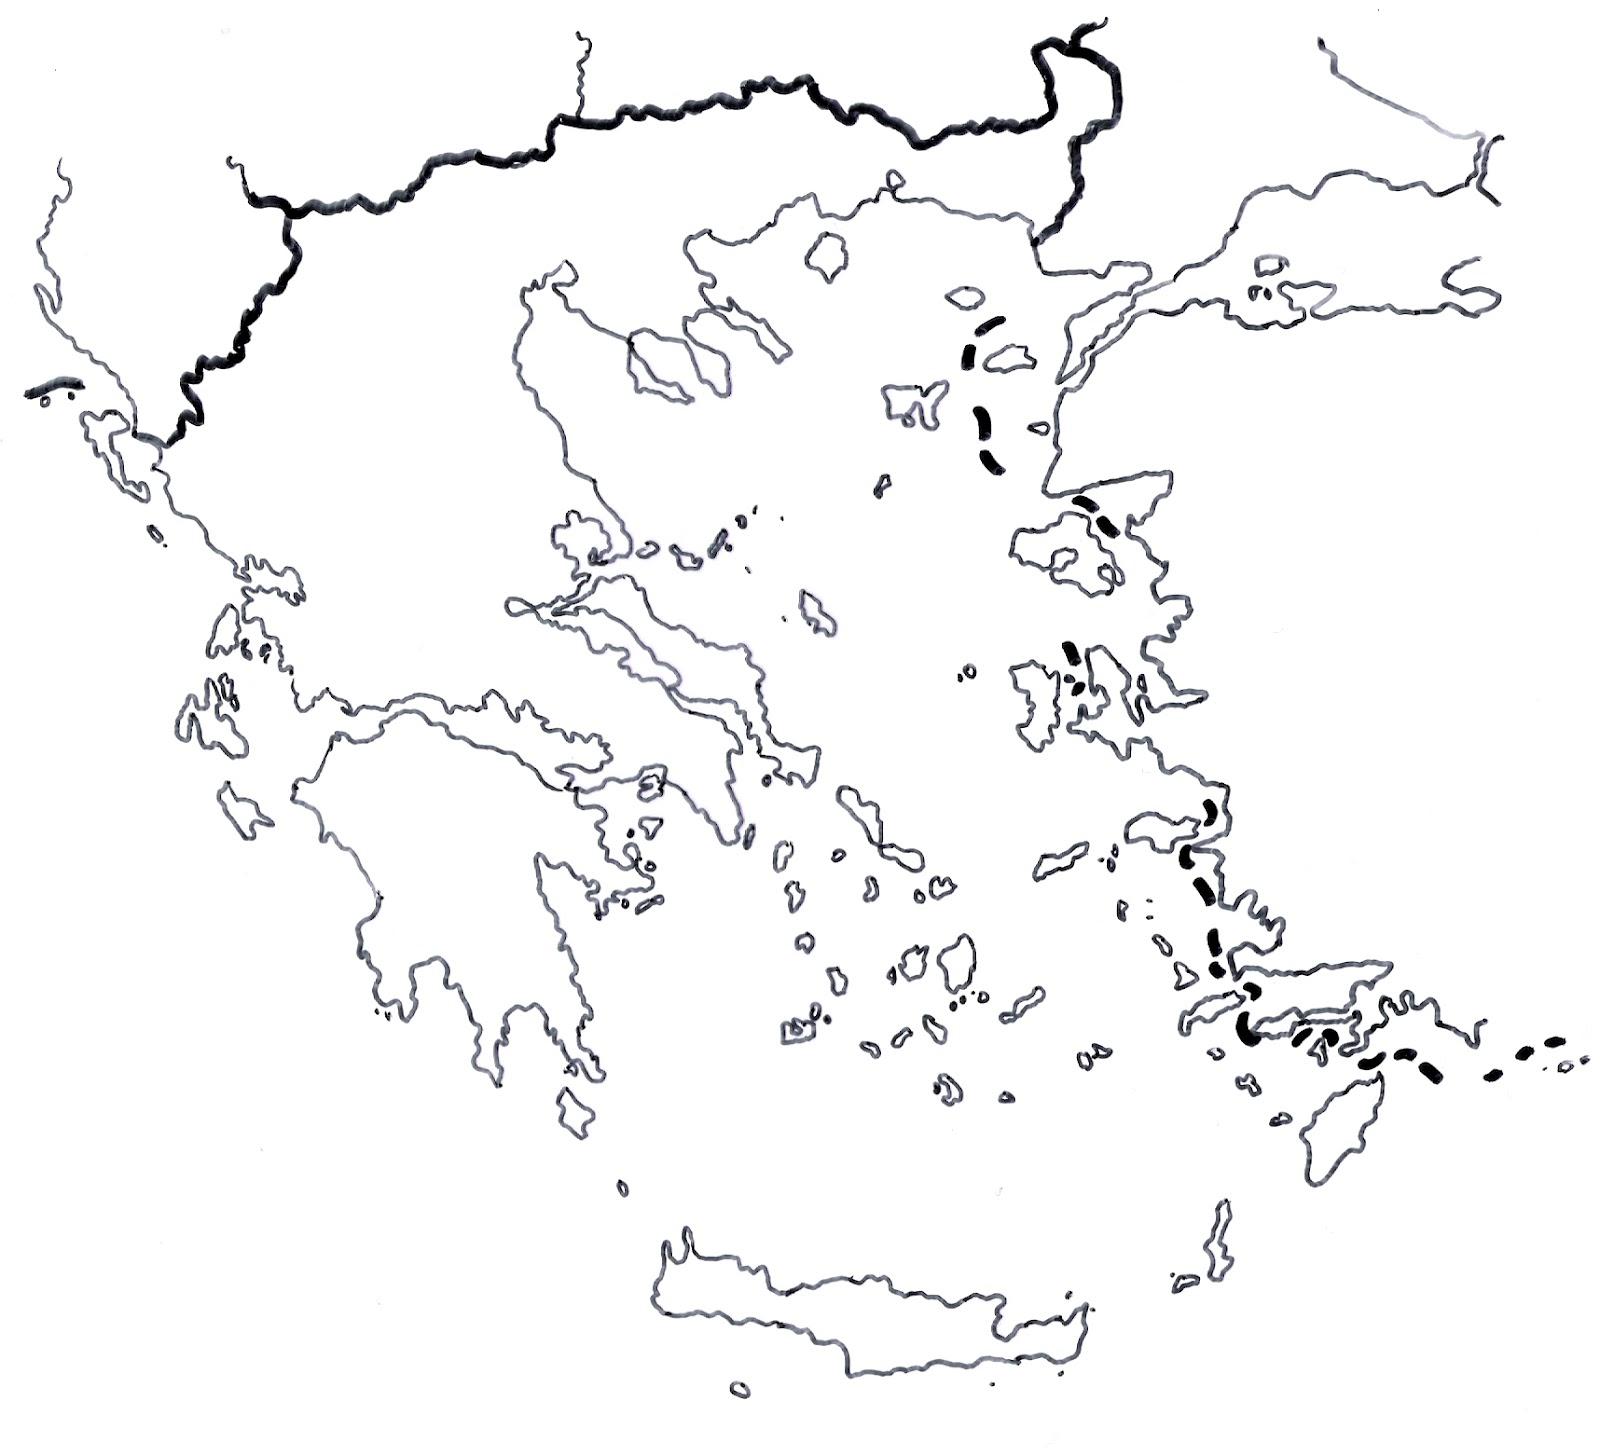 Cartina Della Grecia Muta Pieterduisenberg